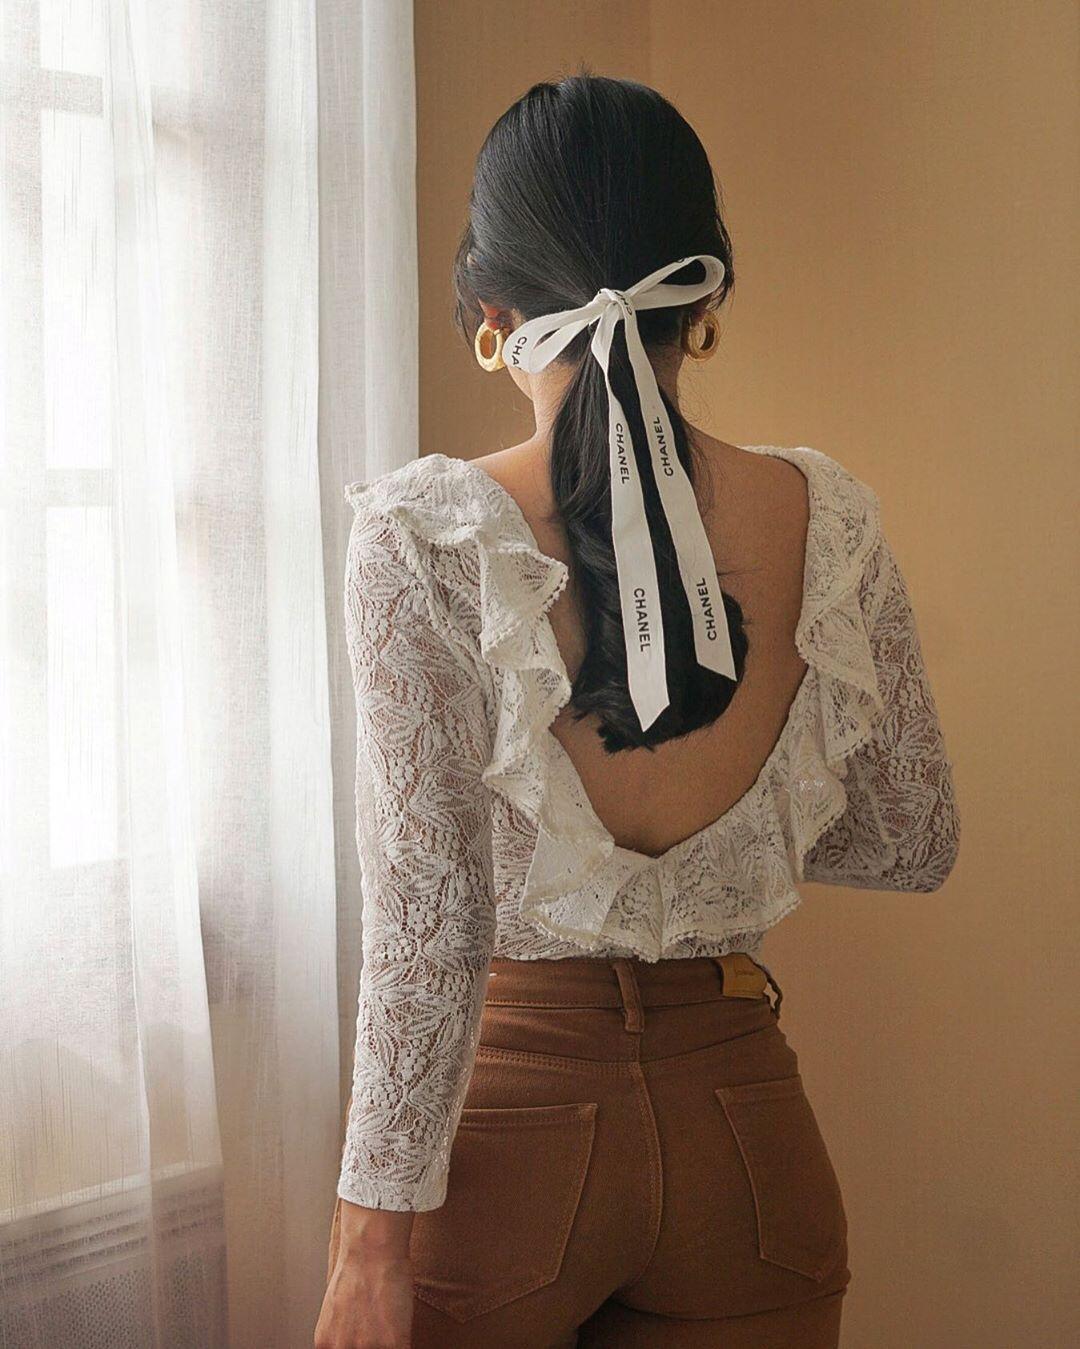 Phụ kiện thời trang cung xử nữ - Cô gái buộc tóc bằng ruy băng Chanel màu trắng